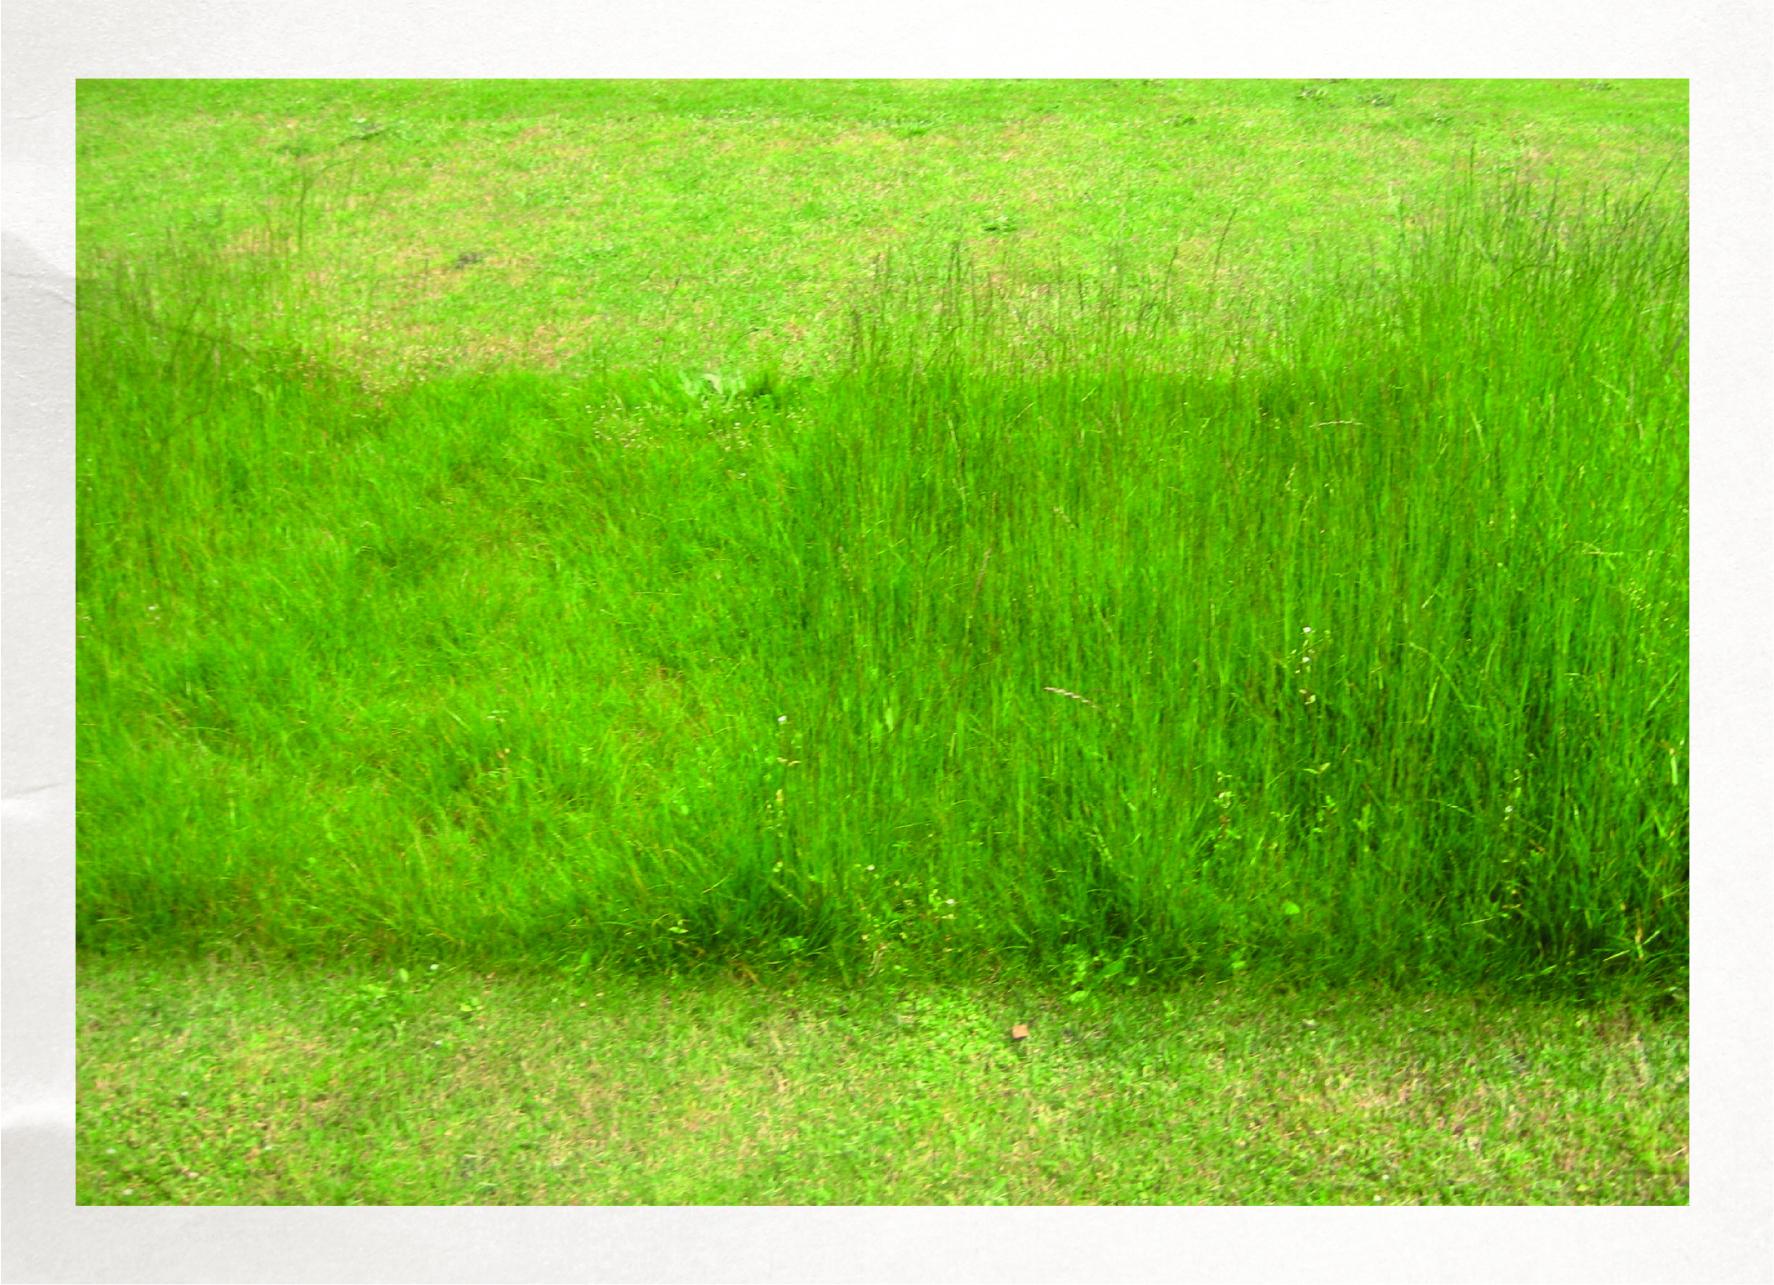 525G Green Velvet Mow Saver Lawn Seed Carton